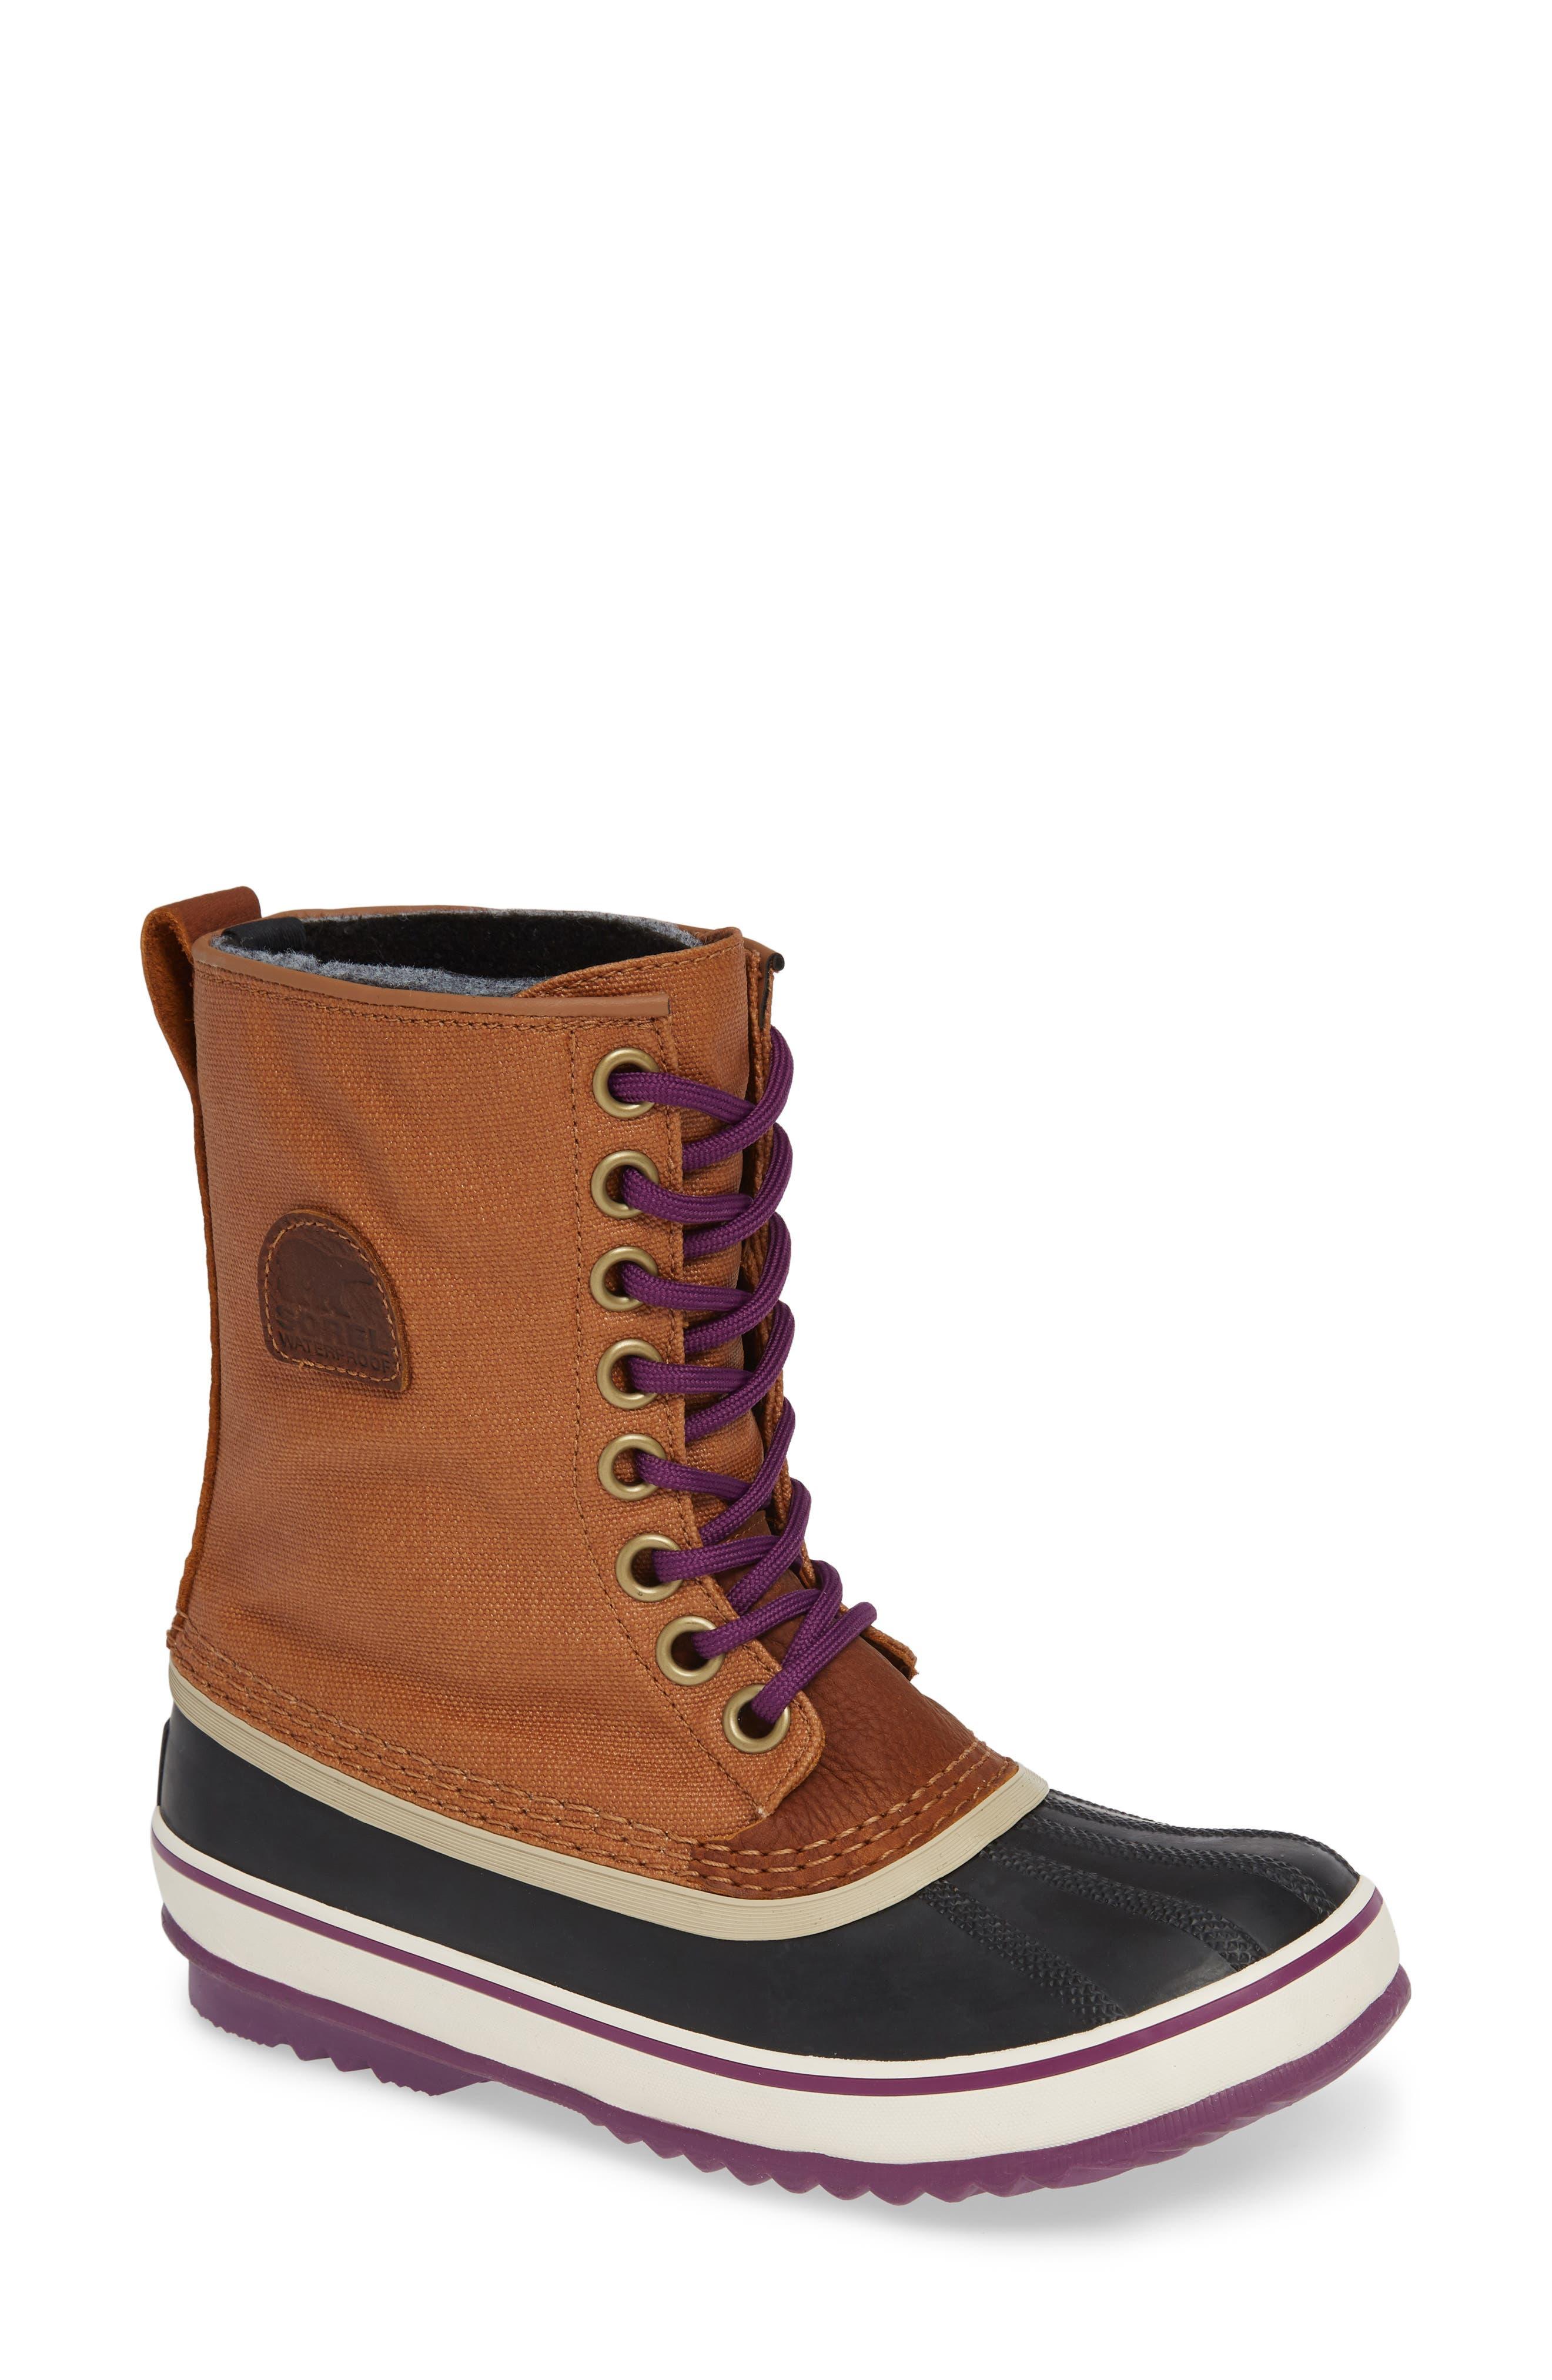 '1964 Premium' Waterproof Boot,                         Main,                         color, CAMEL BROWN